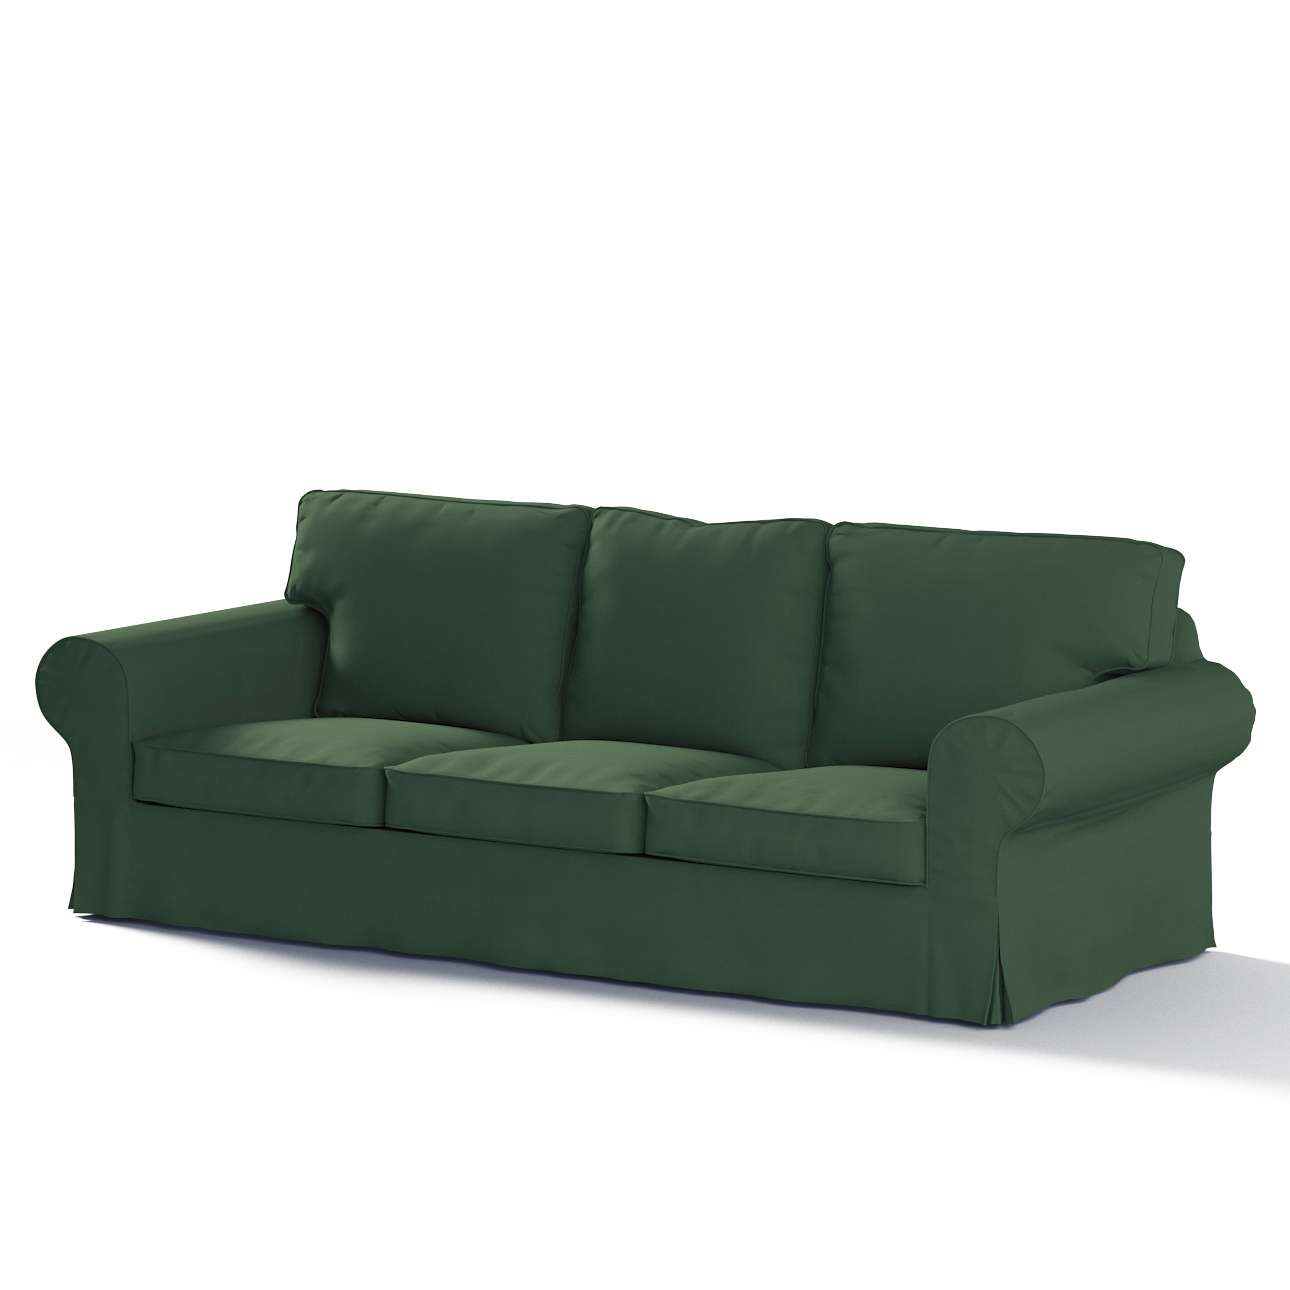 Ektorp trivietės sofos užvalkalas Ektorp trivietės sofos užvalkalas kolekcijoje Cotton Panama, audinys: 702-06